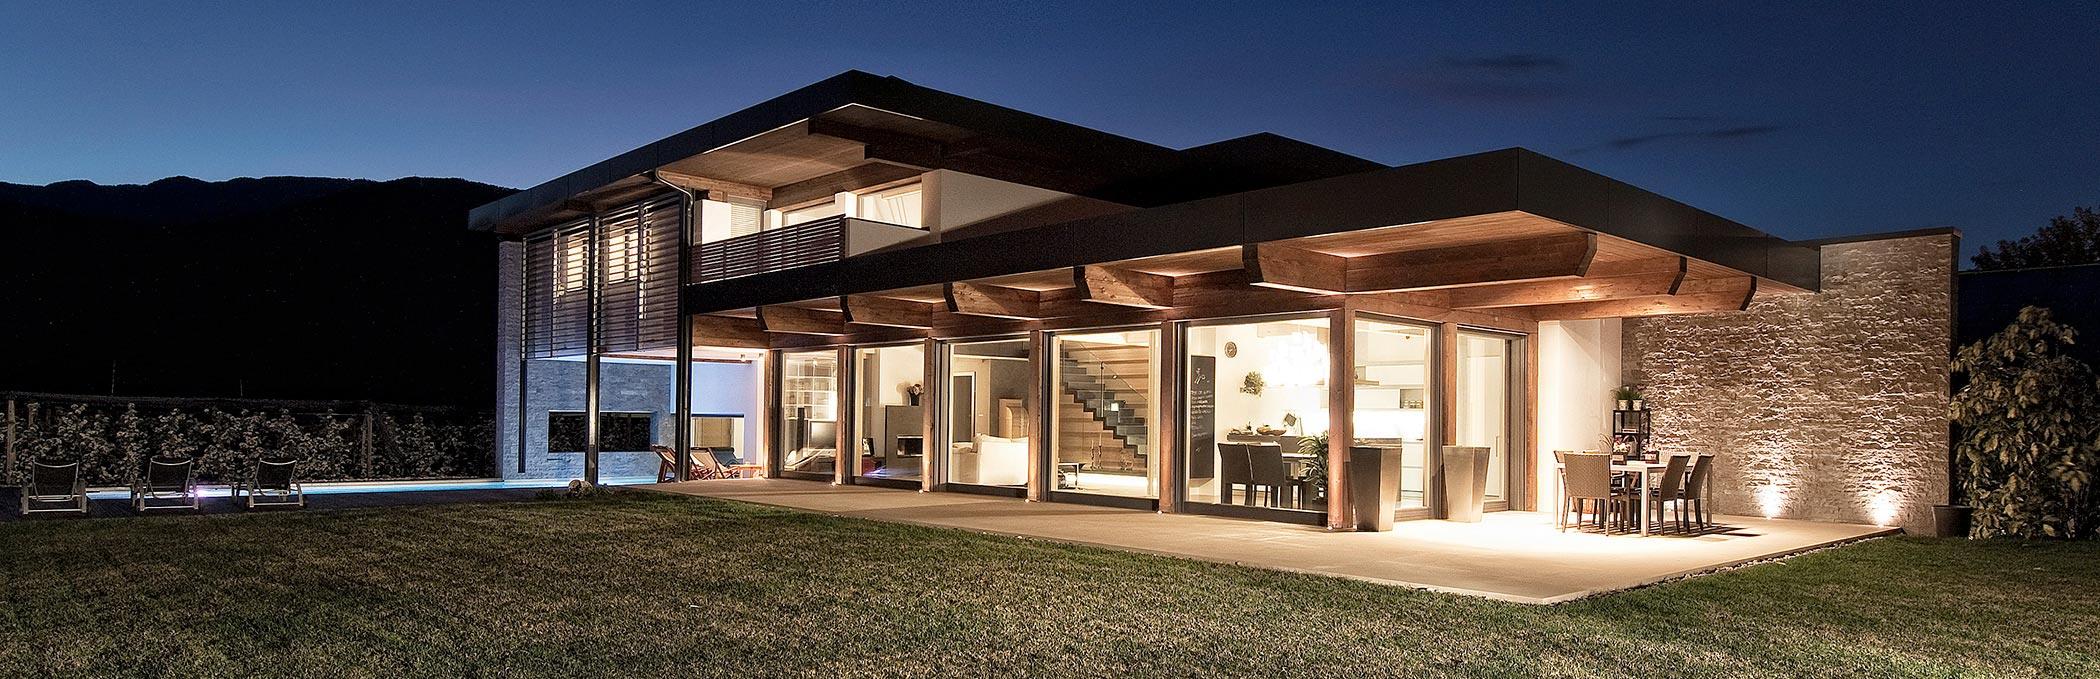 Casa di legno sostenibilit e risparmio bioecogeo - Costruire casa in legno costi ...